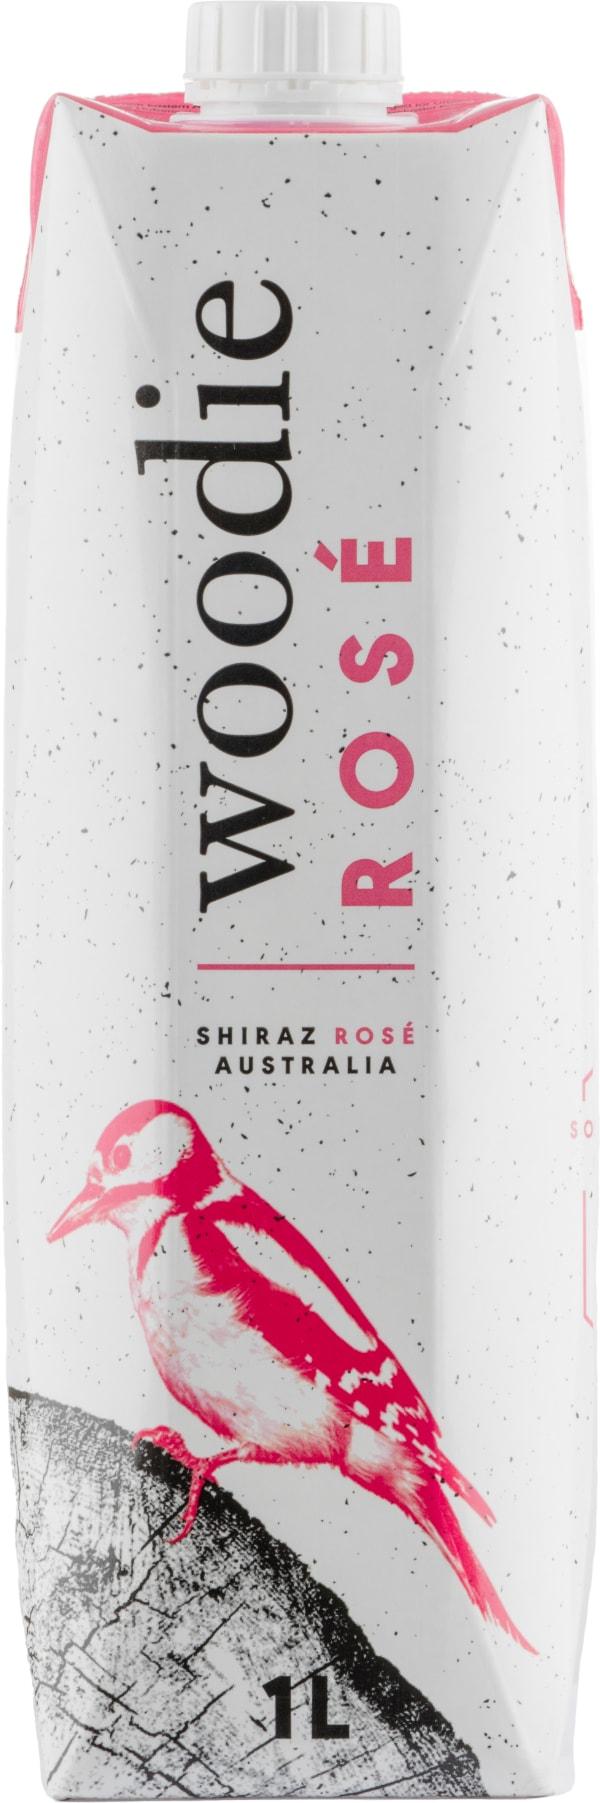 Woodie Rosé 2020 kartongförpackning